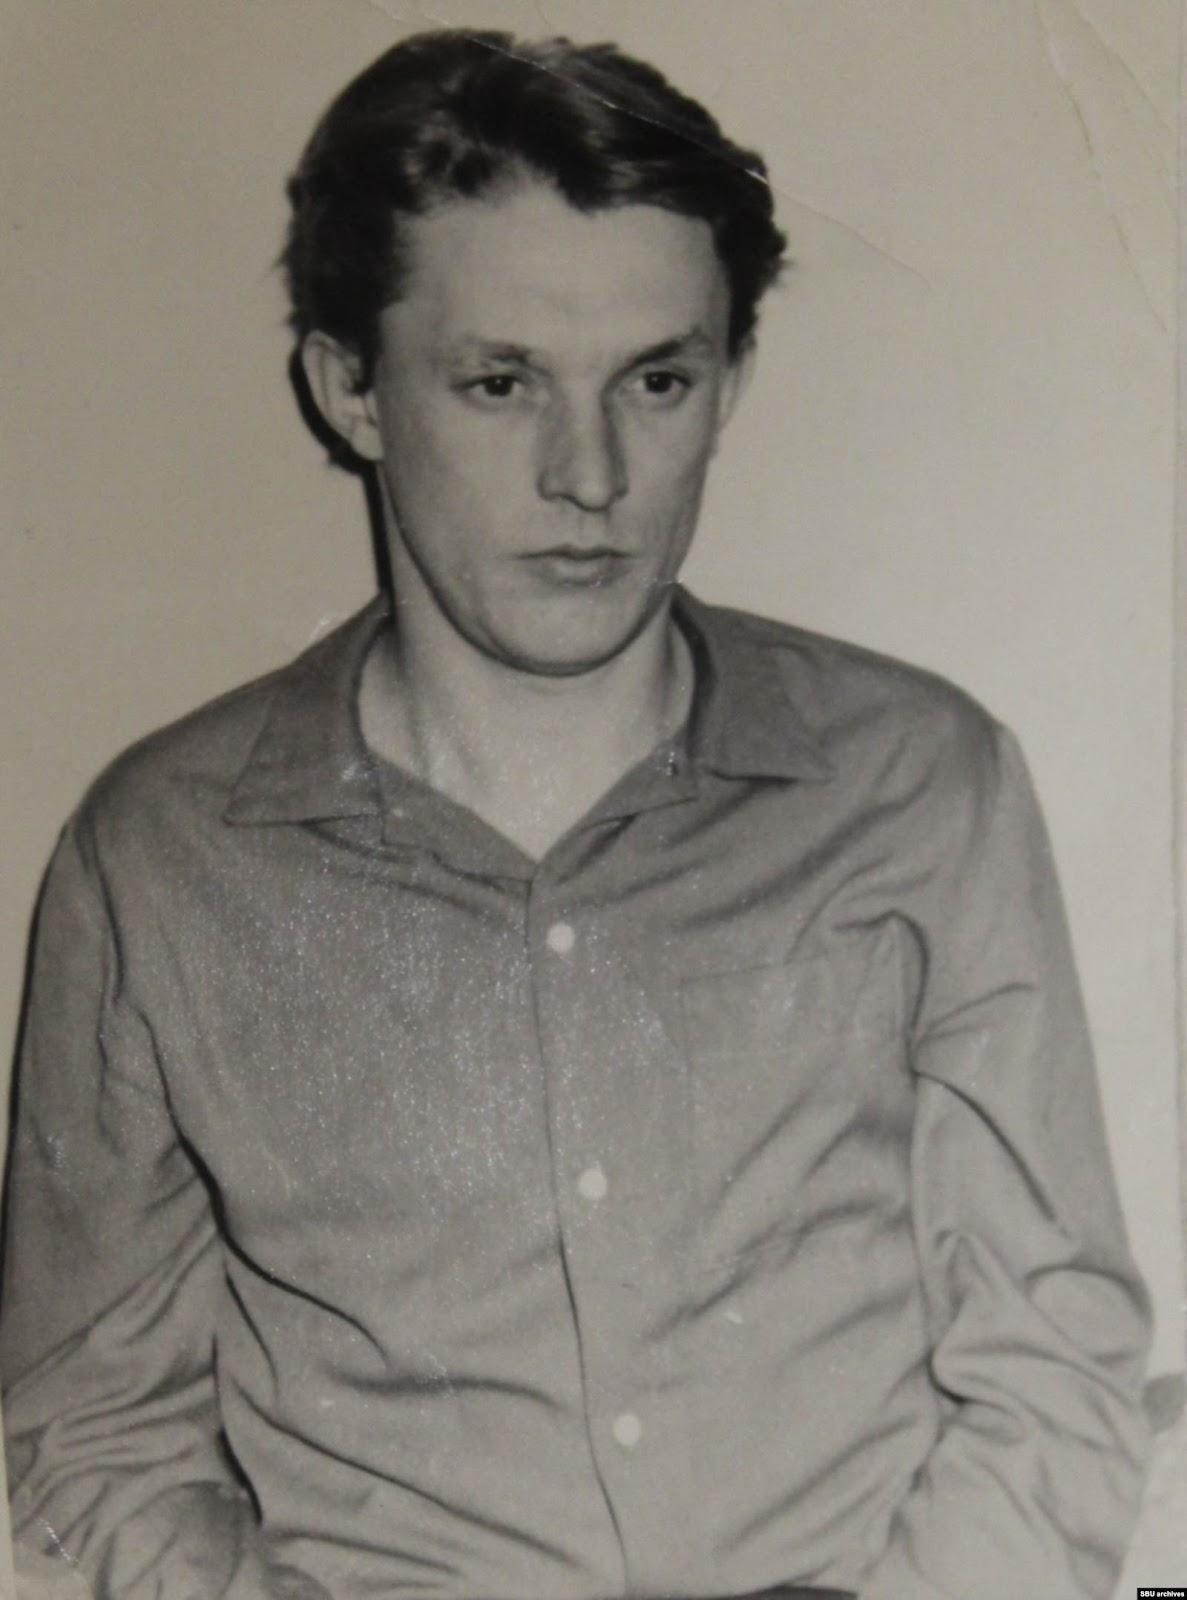 Фото Пушкаря, найденное у Хона. Из уголовного дела